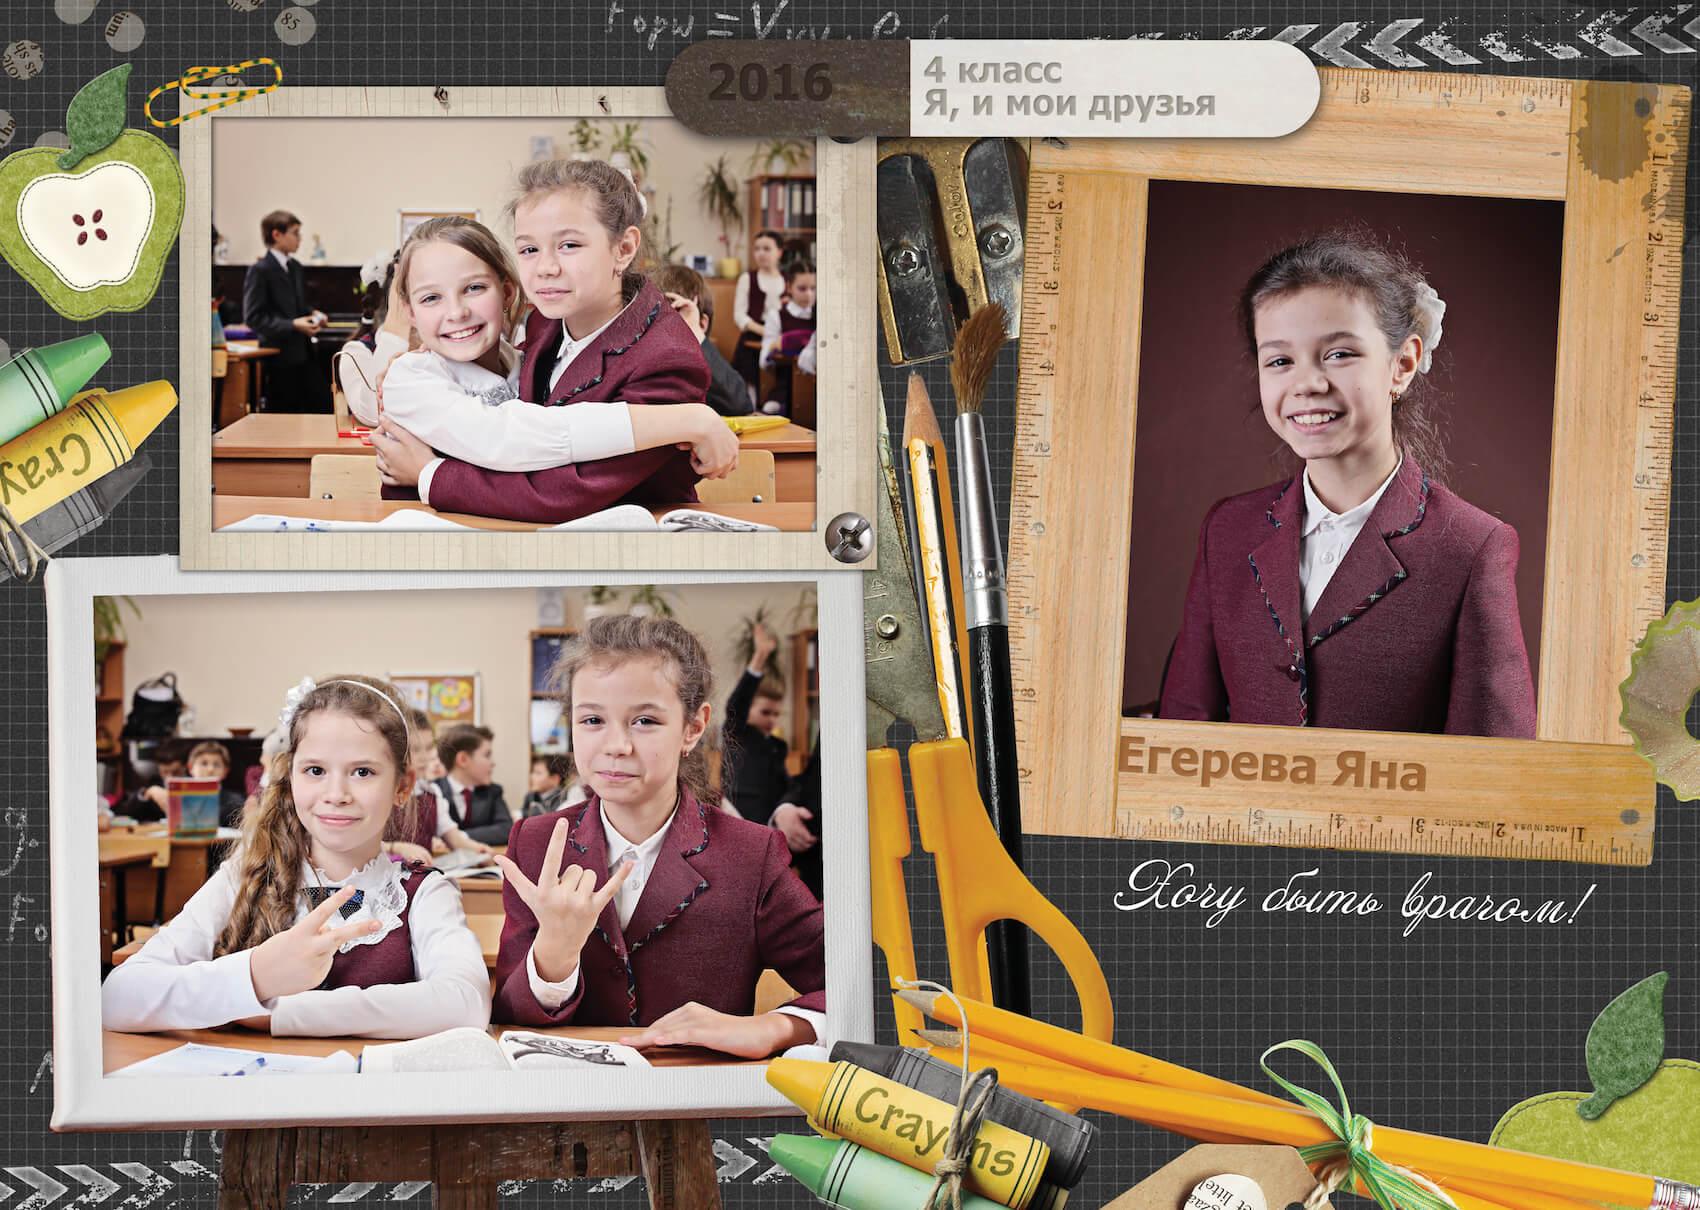 Школьный выпускной альбом для гимназии 4 класс